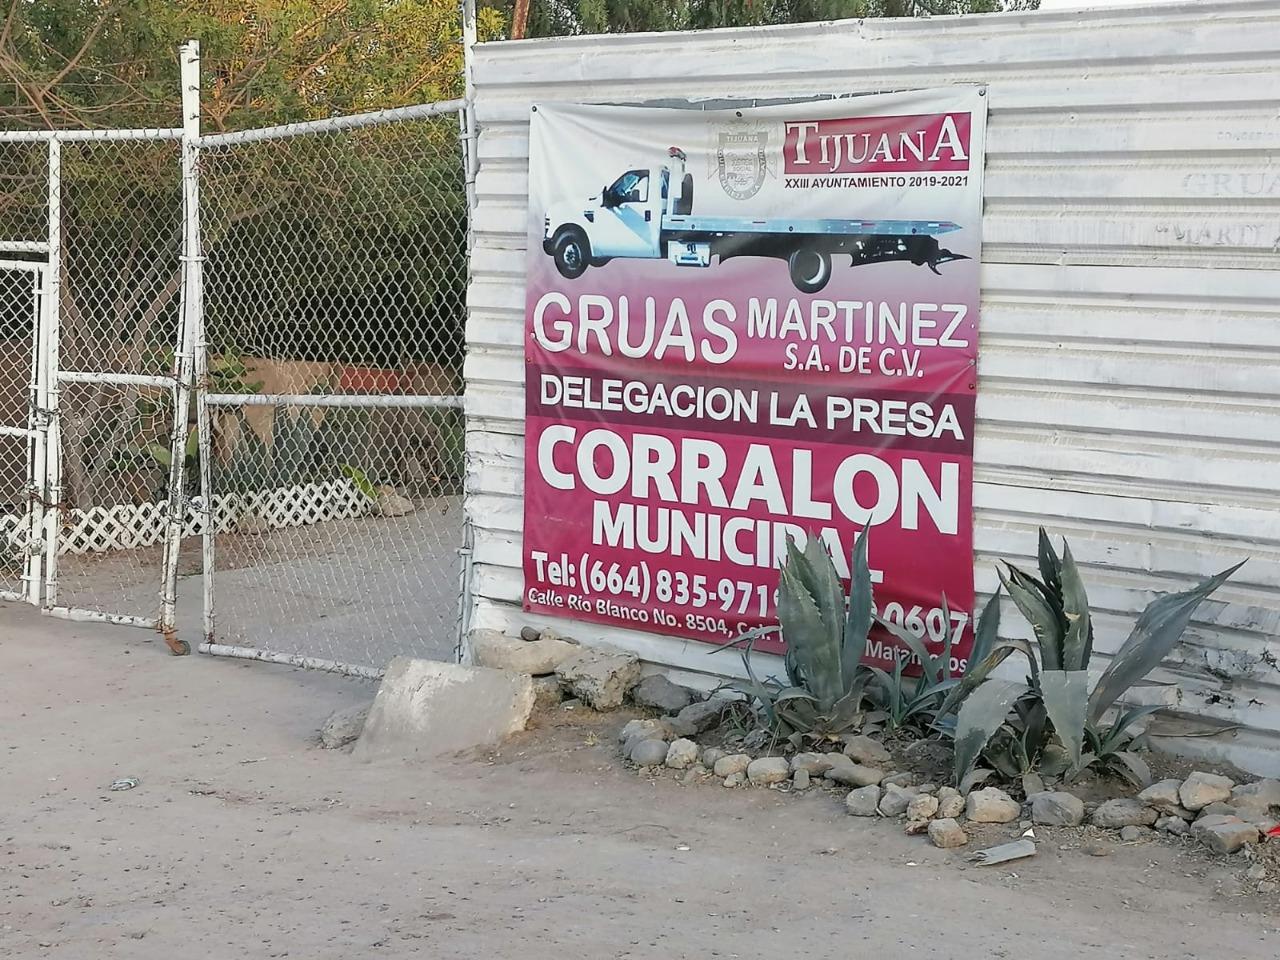 Gobierno municipal, promotor de invasiones en Tijuana, afirma Capella Ibarra